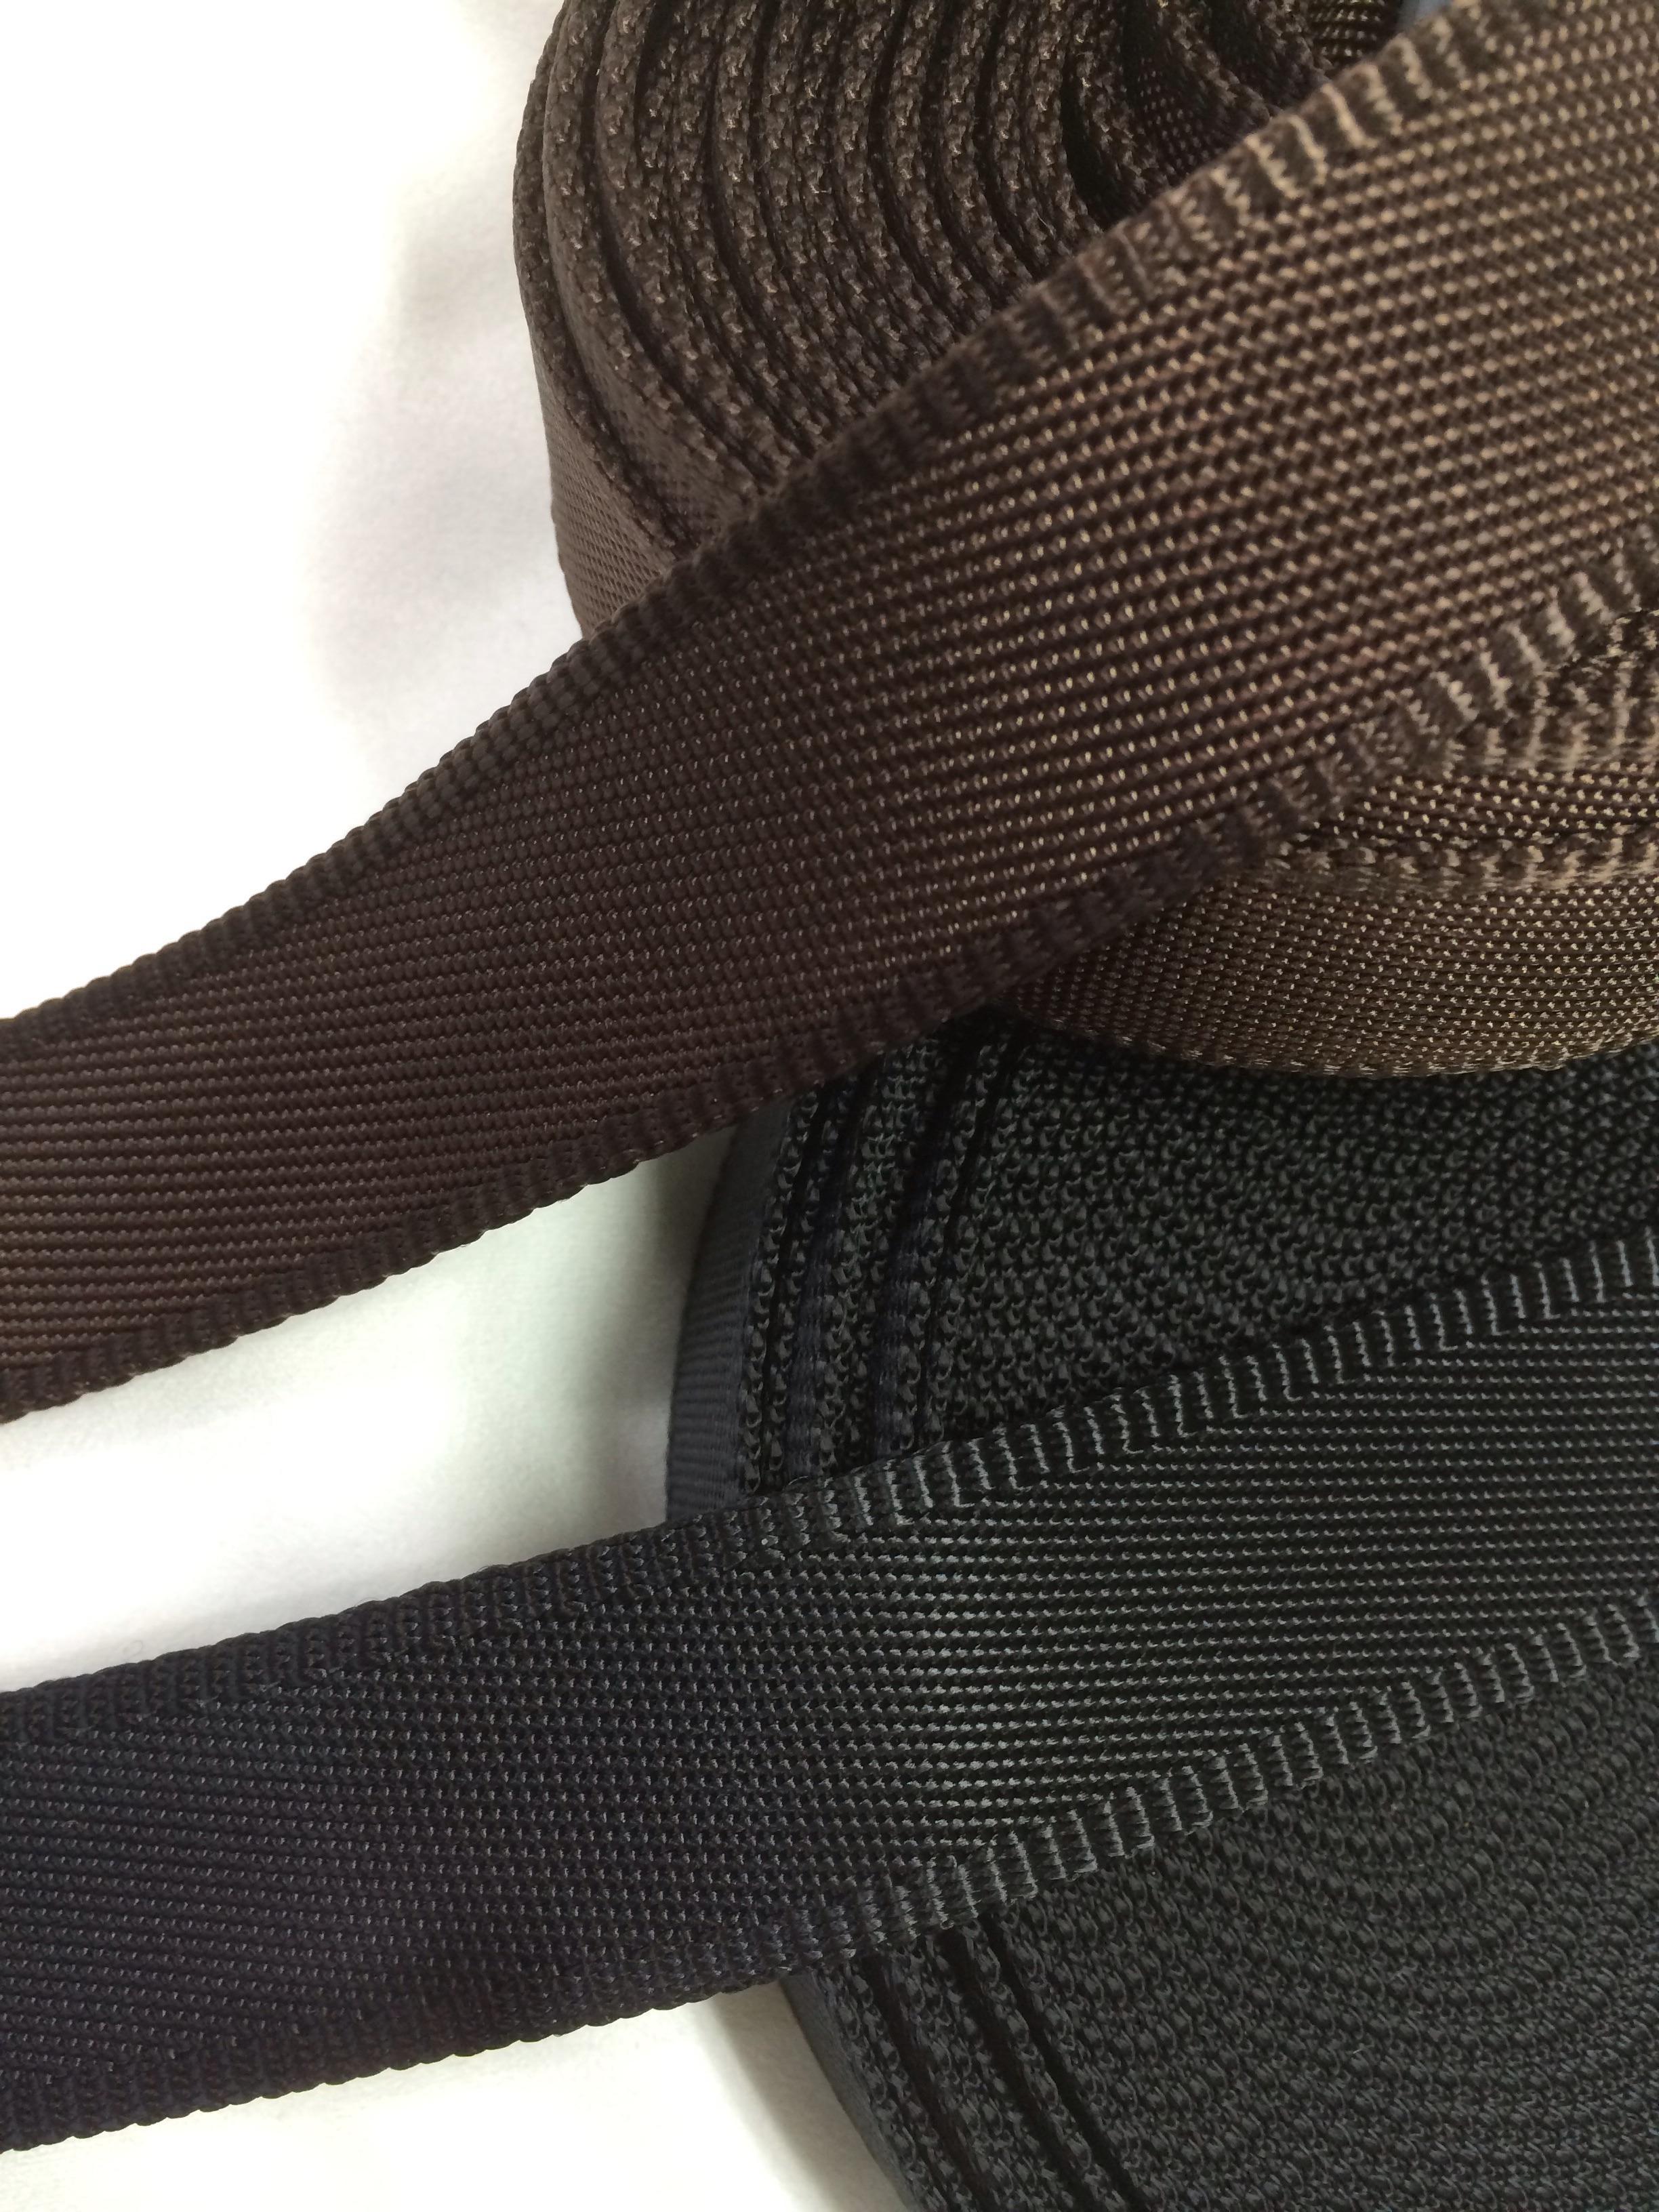 ナイロンテープ 耳付流綾織 30mm幅 カラー(黒以外) 5m